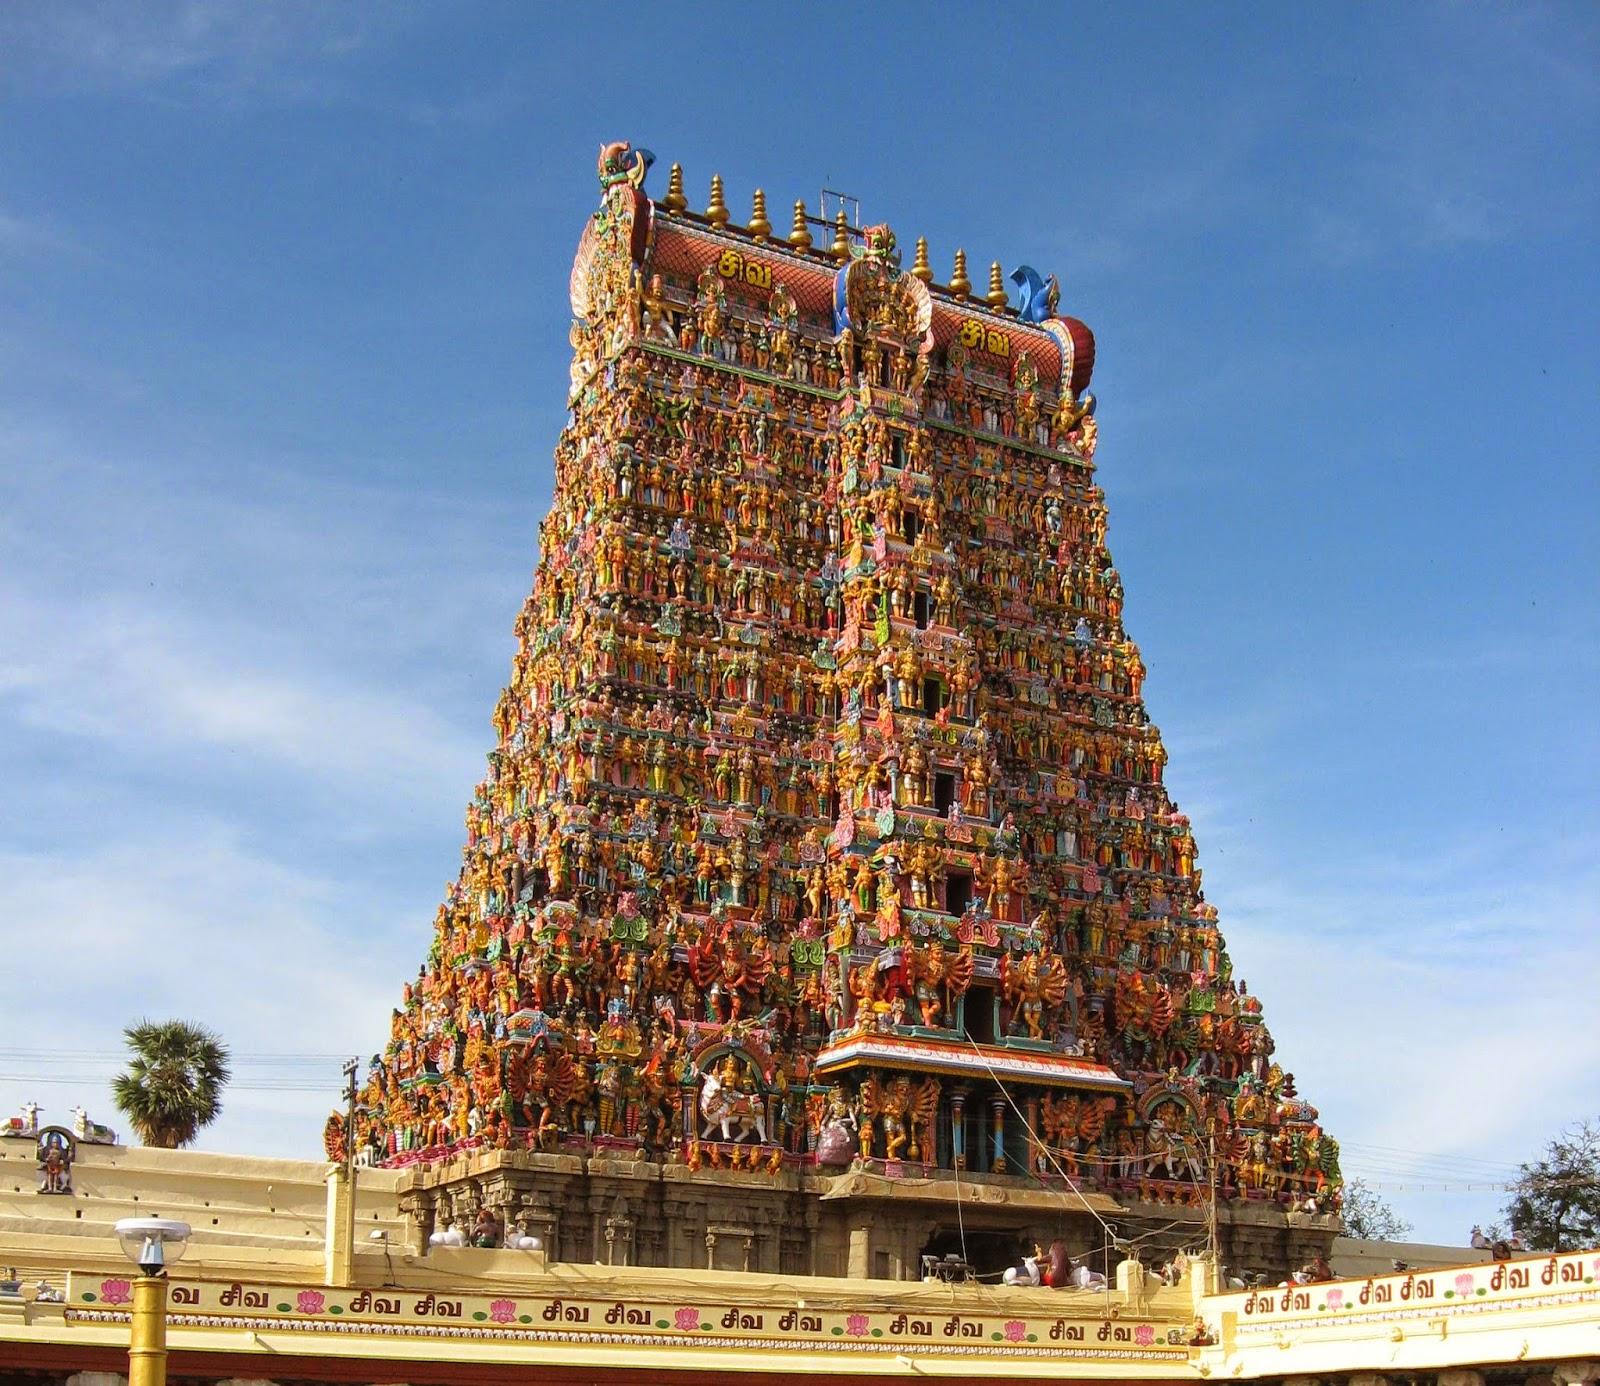 मीनाक्षी अम्मन मंदिर,  मदुरै (Meenakshi Temple, Madurai)मीनाक्षी अम्मन मंदिर,  मदुरै (Meenakshi Temple, Madurai)